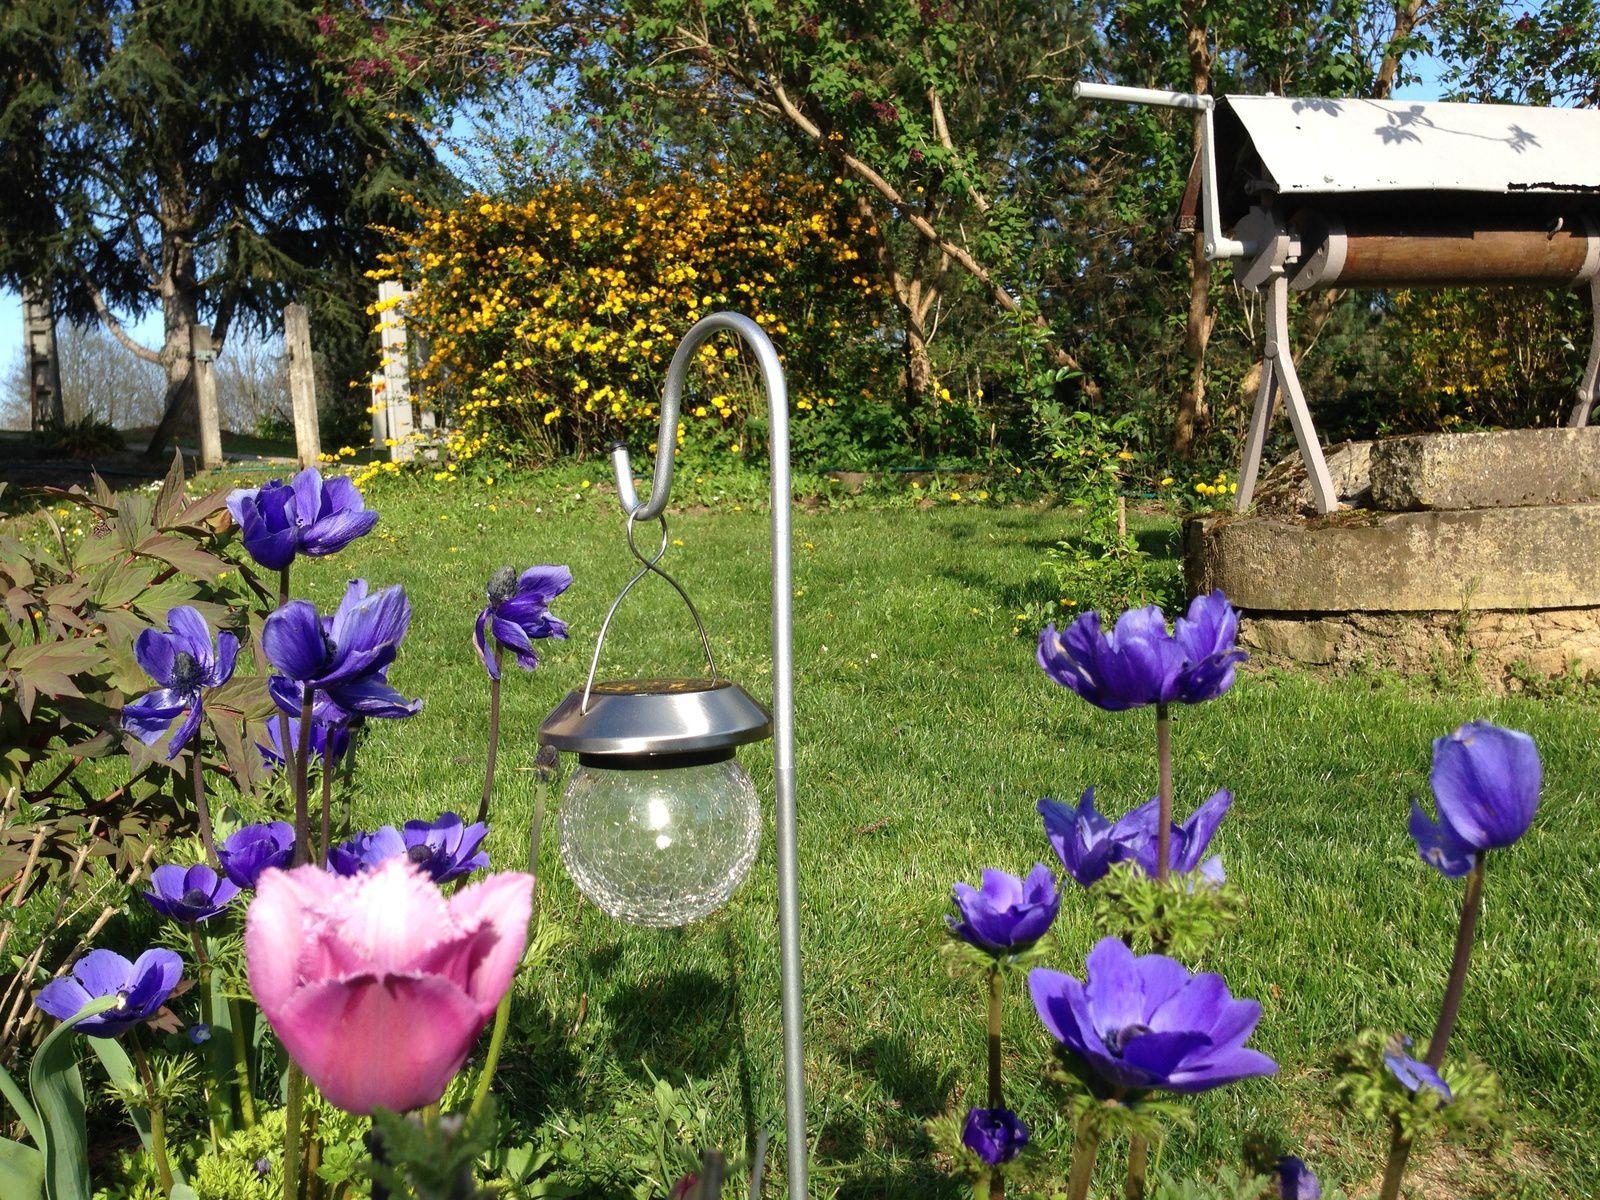 Pâques est arrivé et les fleurs du Kerria japonica (Rosier de Pâques) étaient pile au rendez-vous !